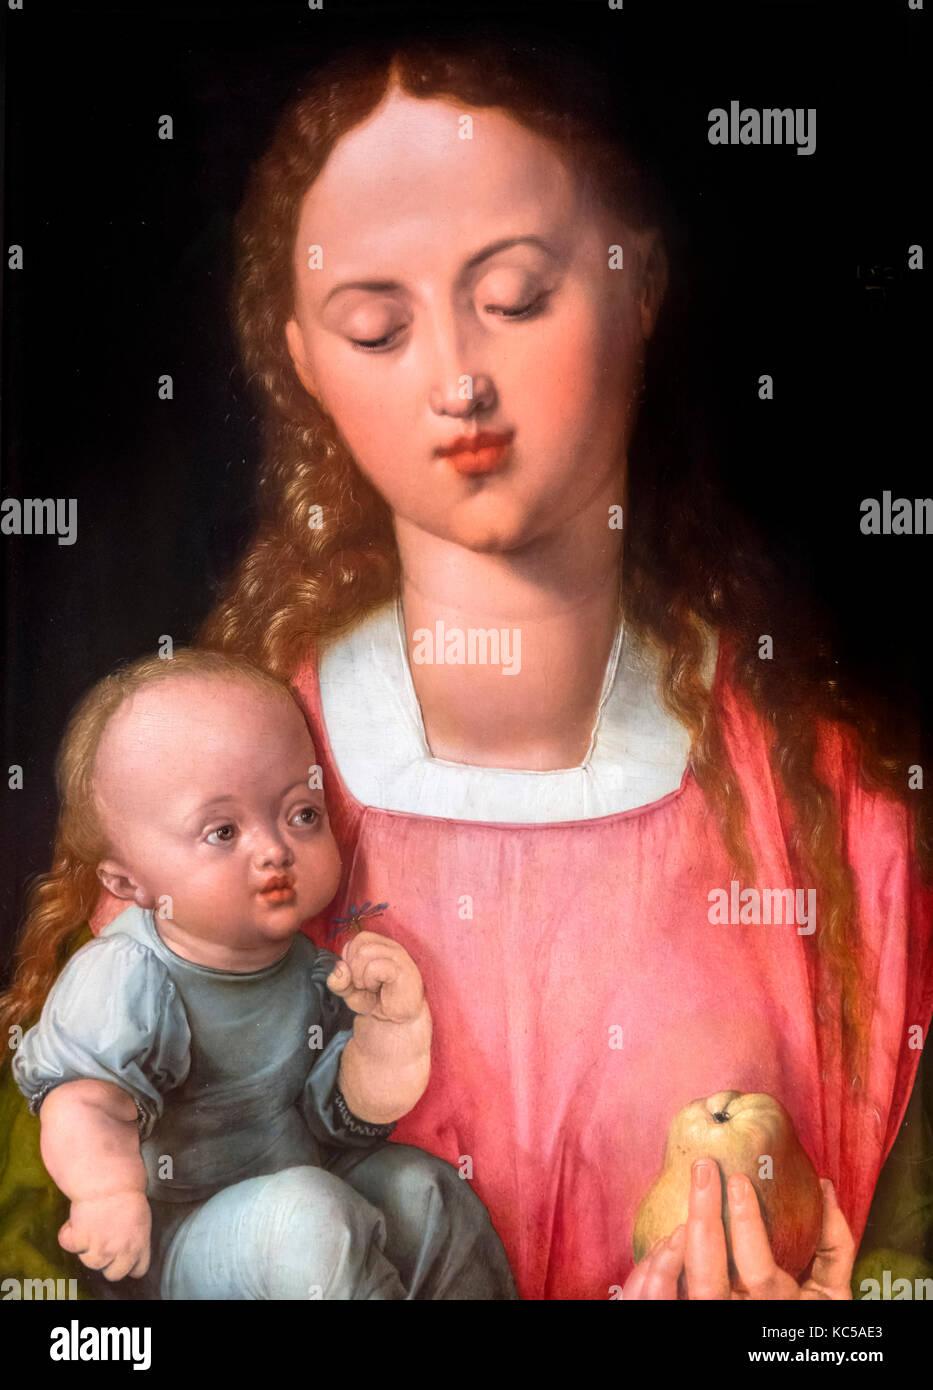 Madonna mit Kind (Madonna der Birne) von Albrecht Dürer (1471-1528), Öl auf Leinwand, 1526 Stockbild